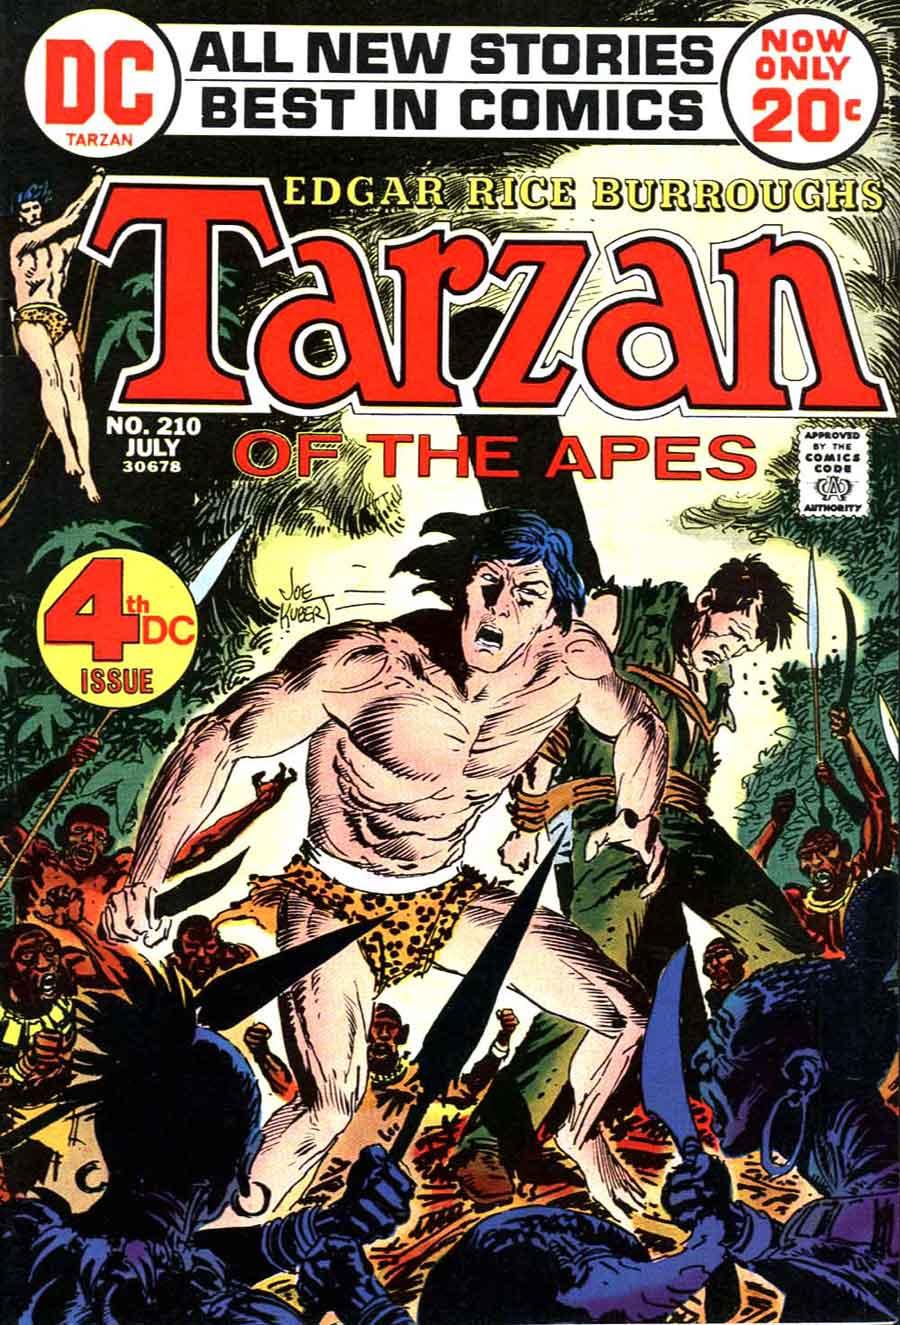 Tarzan v1 #210 dc bronze age comic book cover art by Joe Kubert